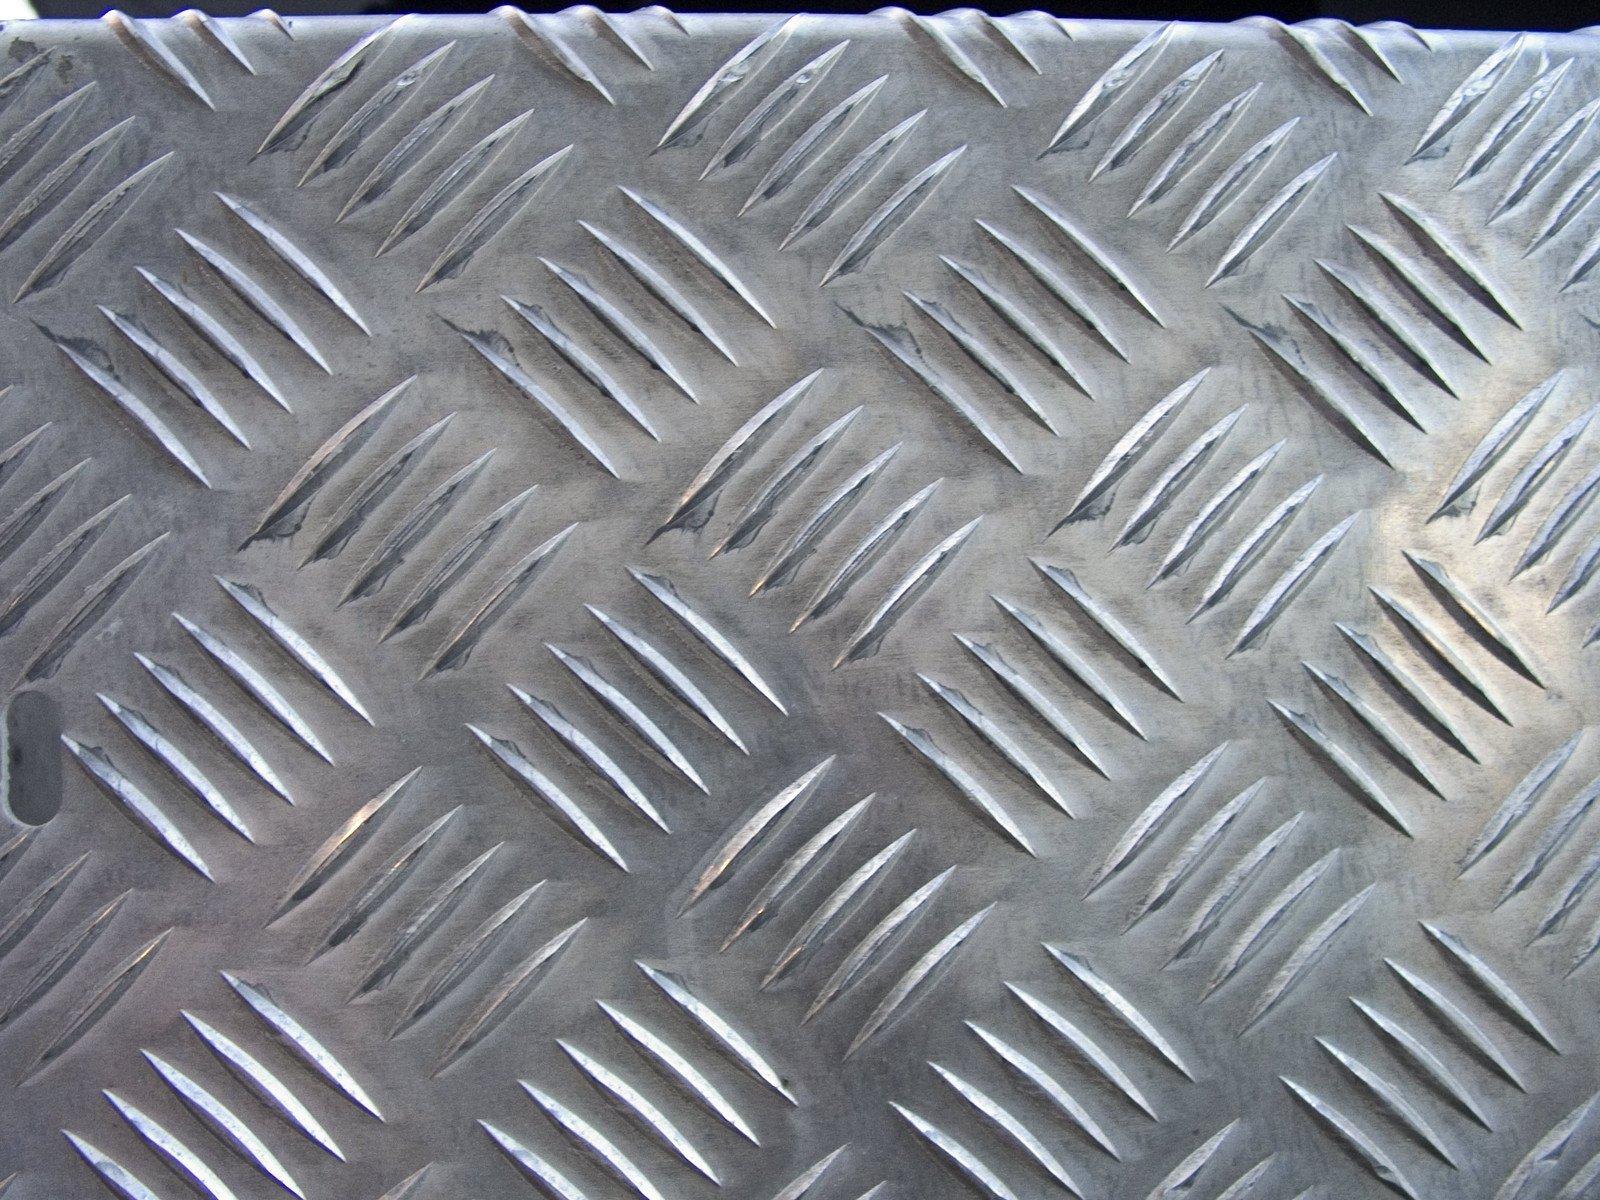 A texture of non-slip metal